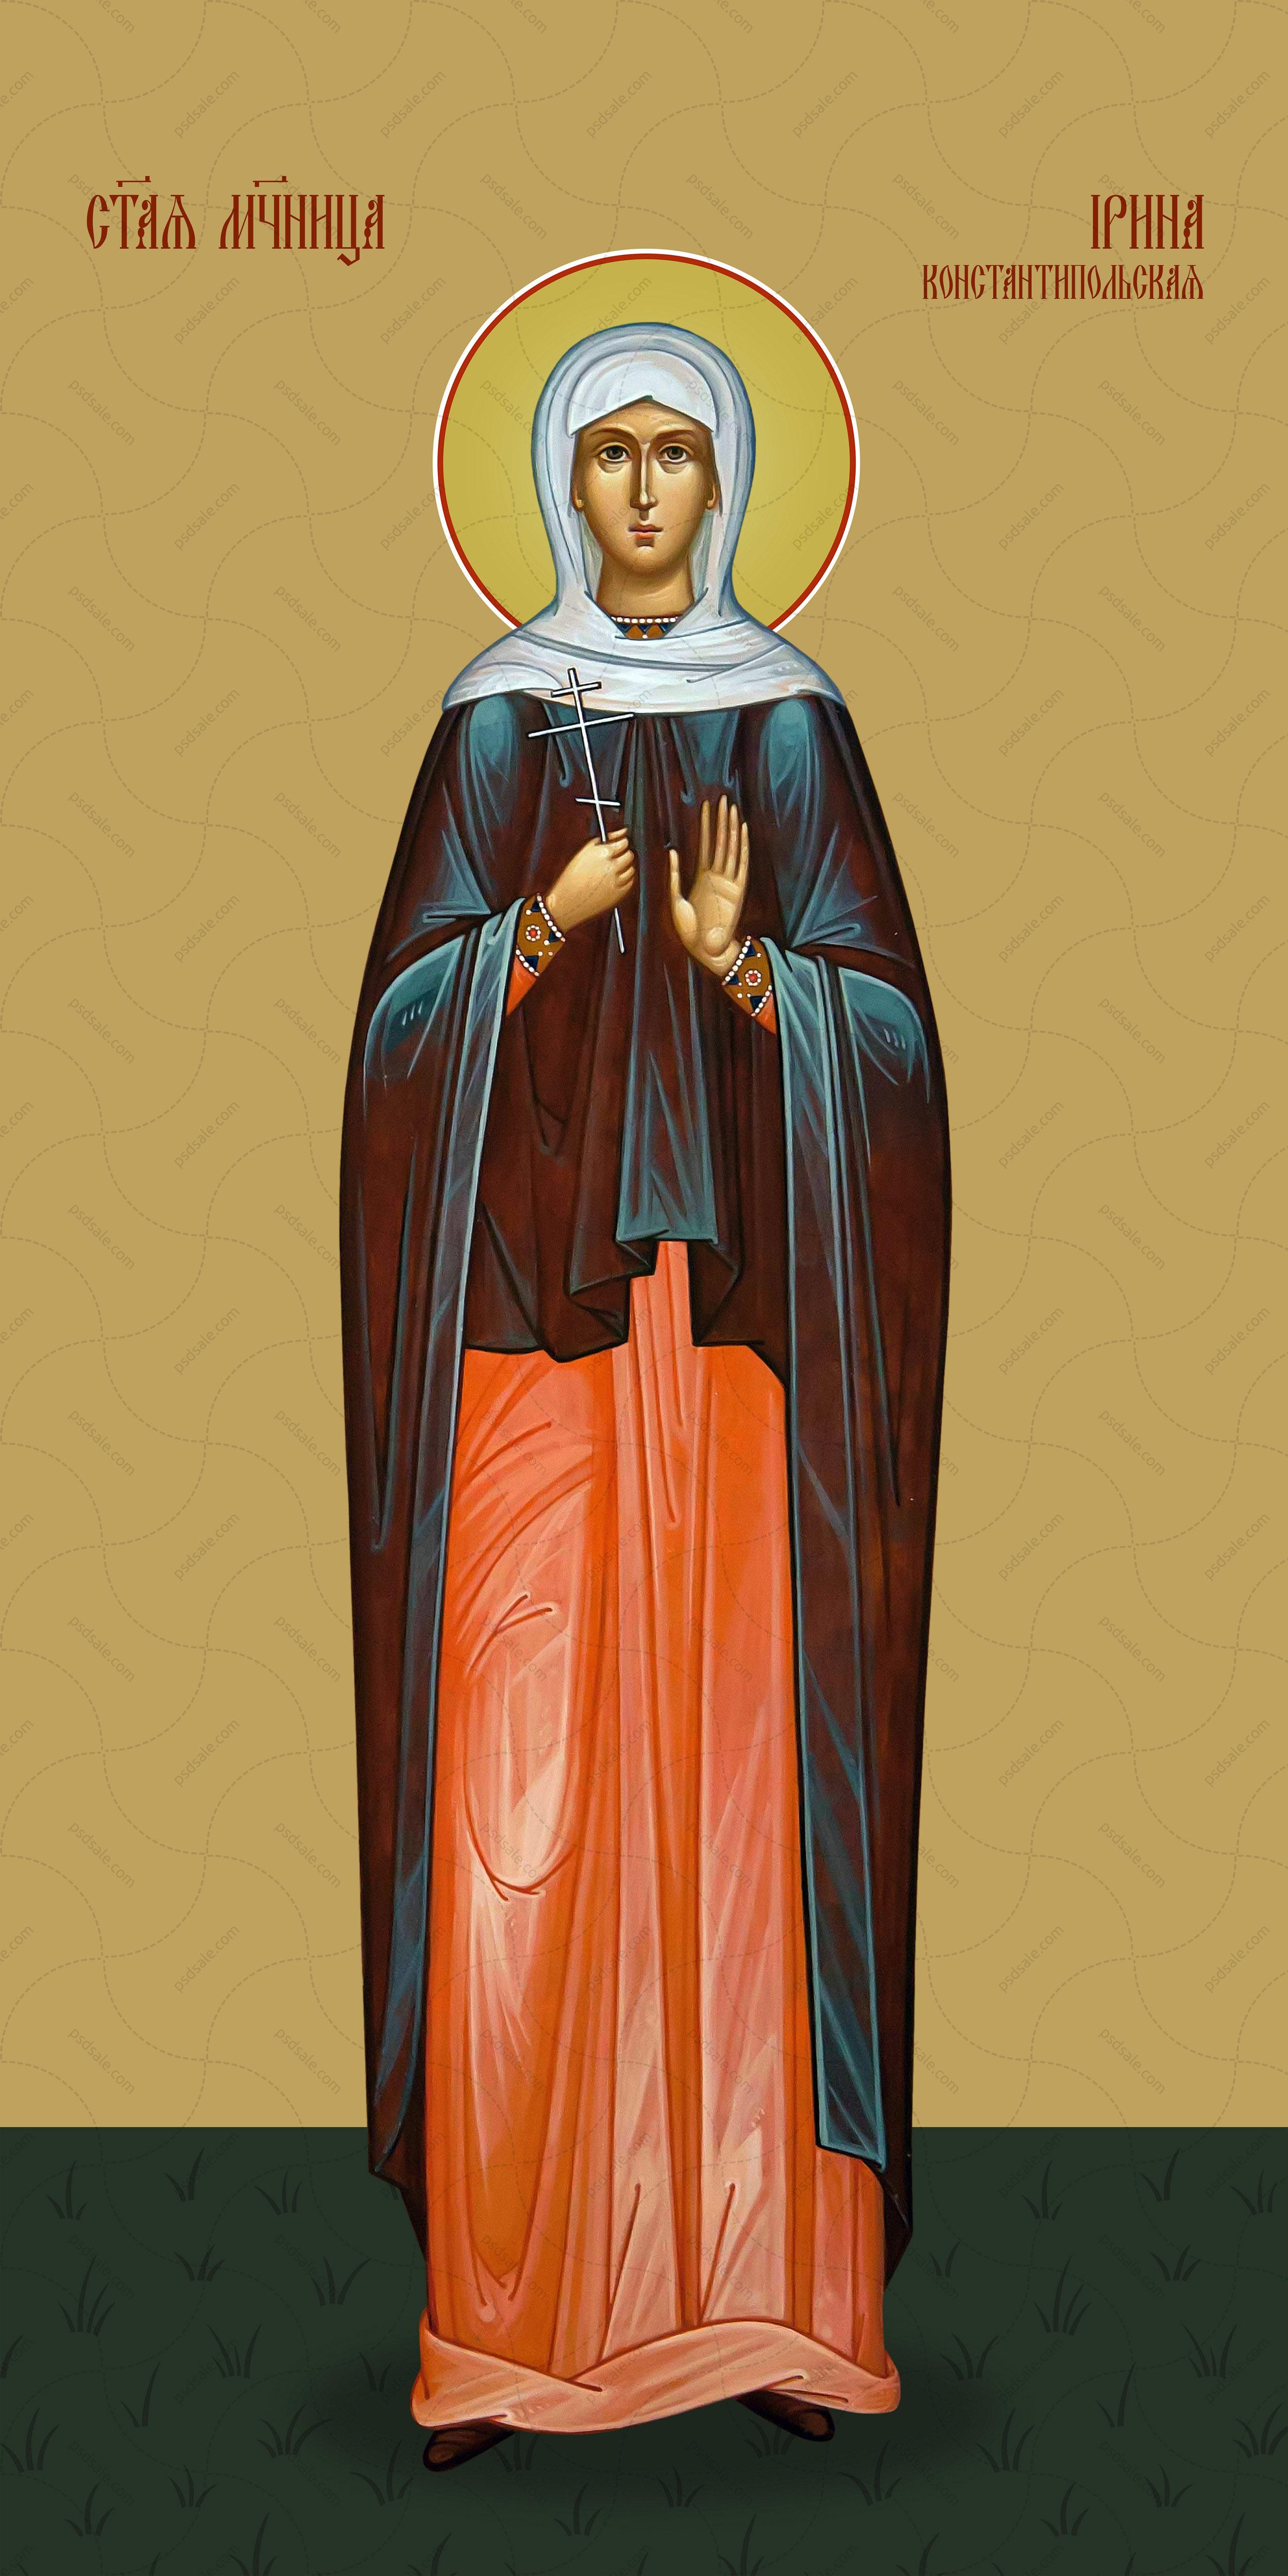 Мерная икона, Ирина Константинопольская, мученица